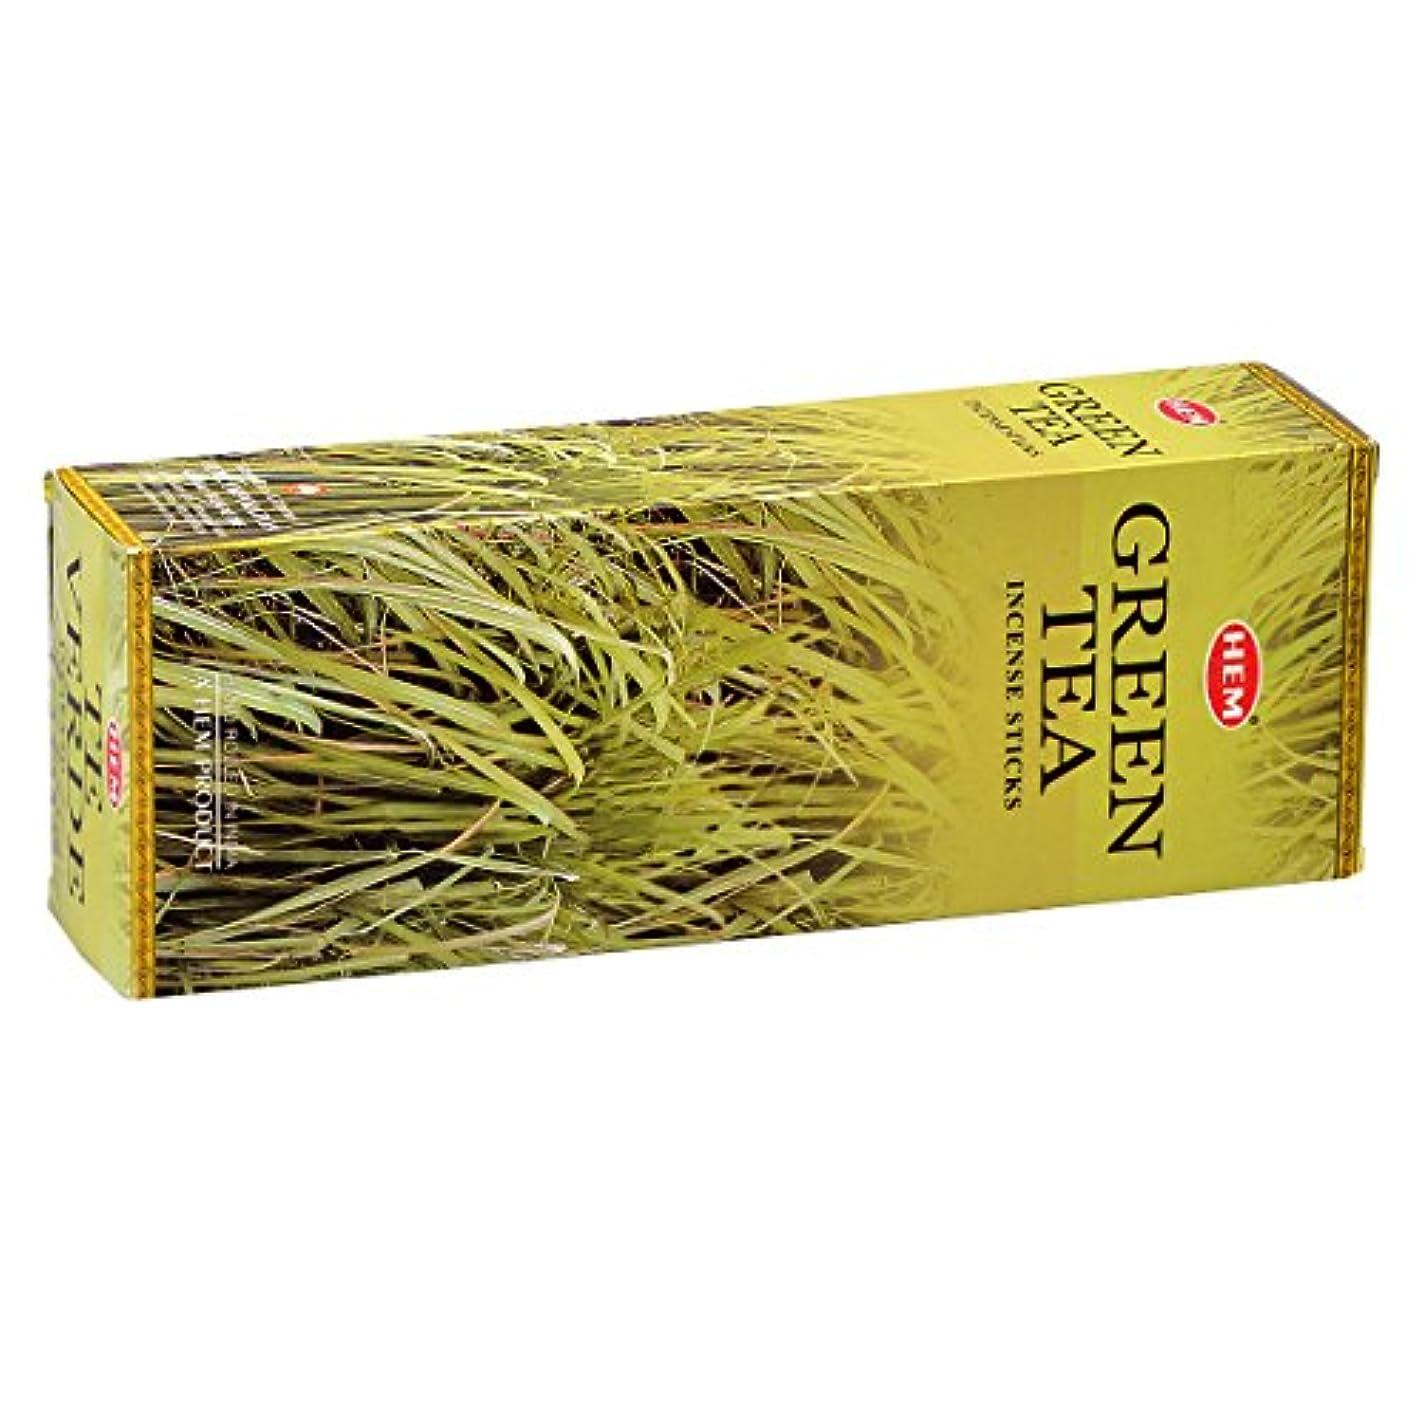 振る舞うバース描写HEM(ヘム) グリーン ティー GREEN TEA スティックタイプ お香 6筒 セット [並行輸入品]